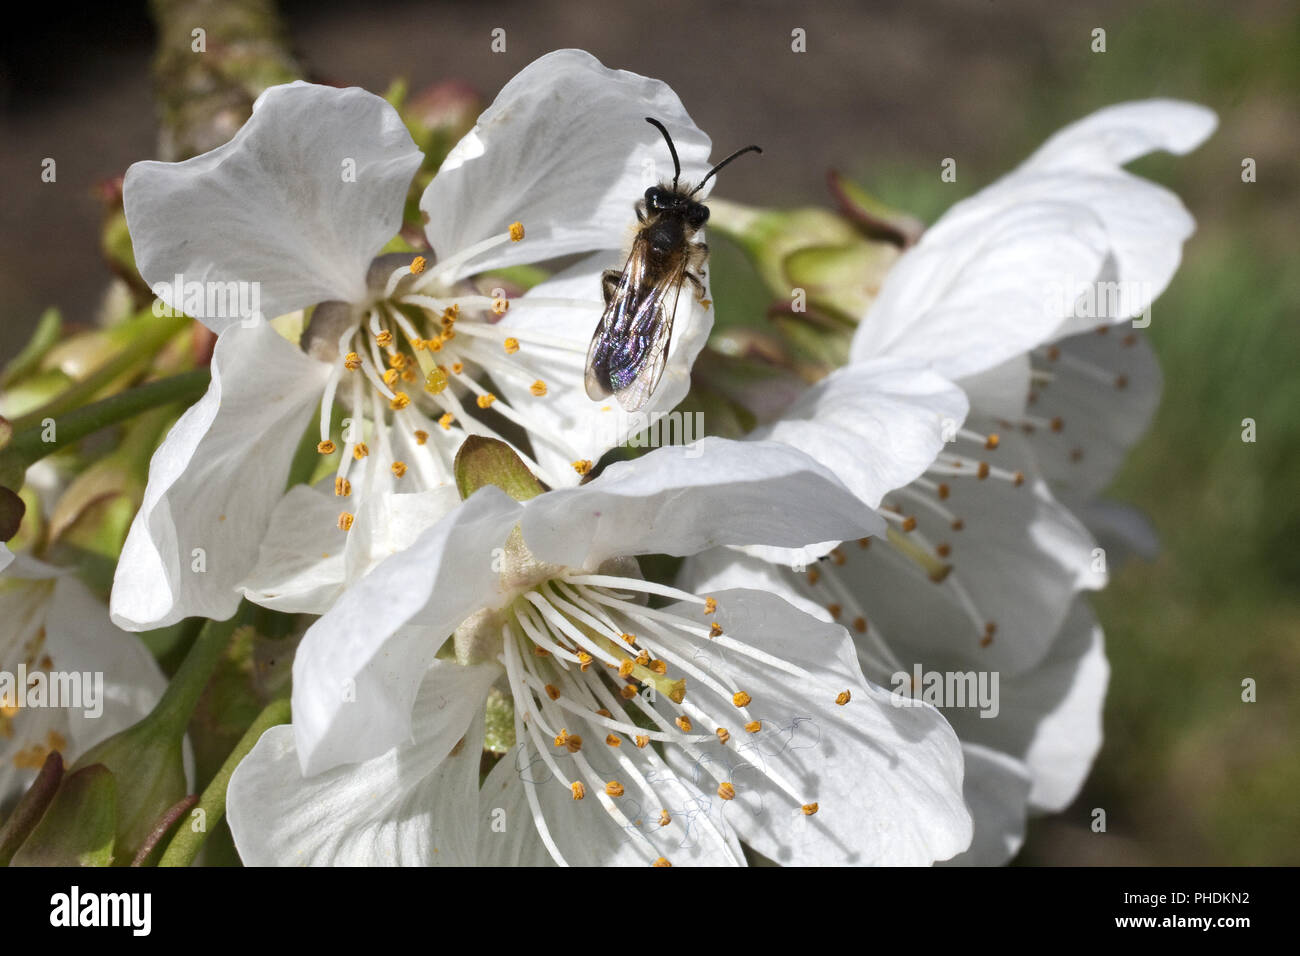 L'abeille sauvage, sauvage, de l'abeille (Apoidea), sur blossom Photo Stock